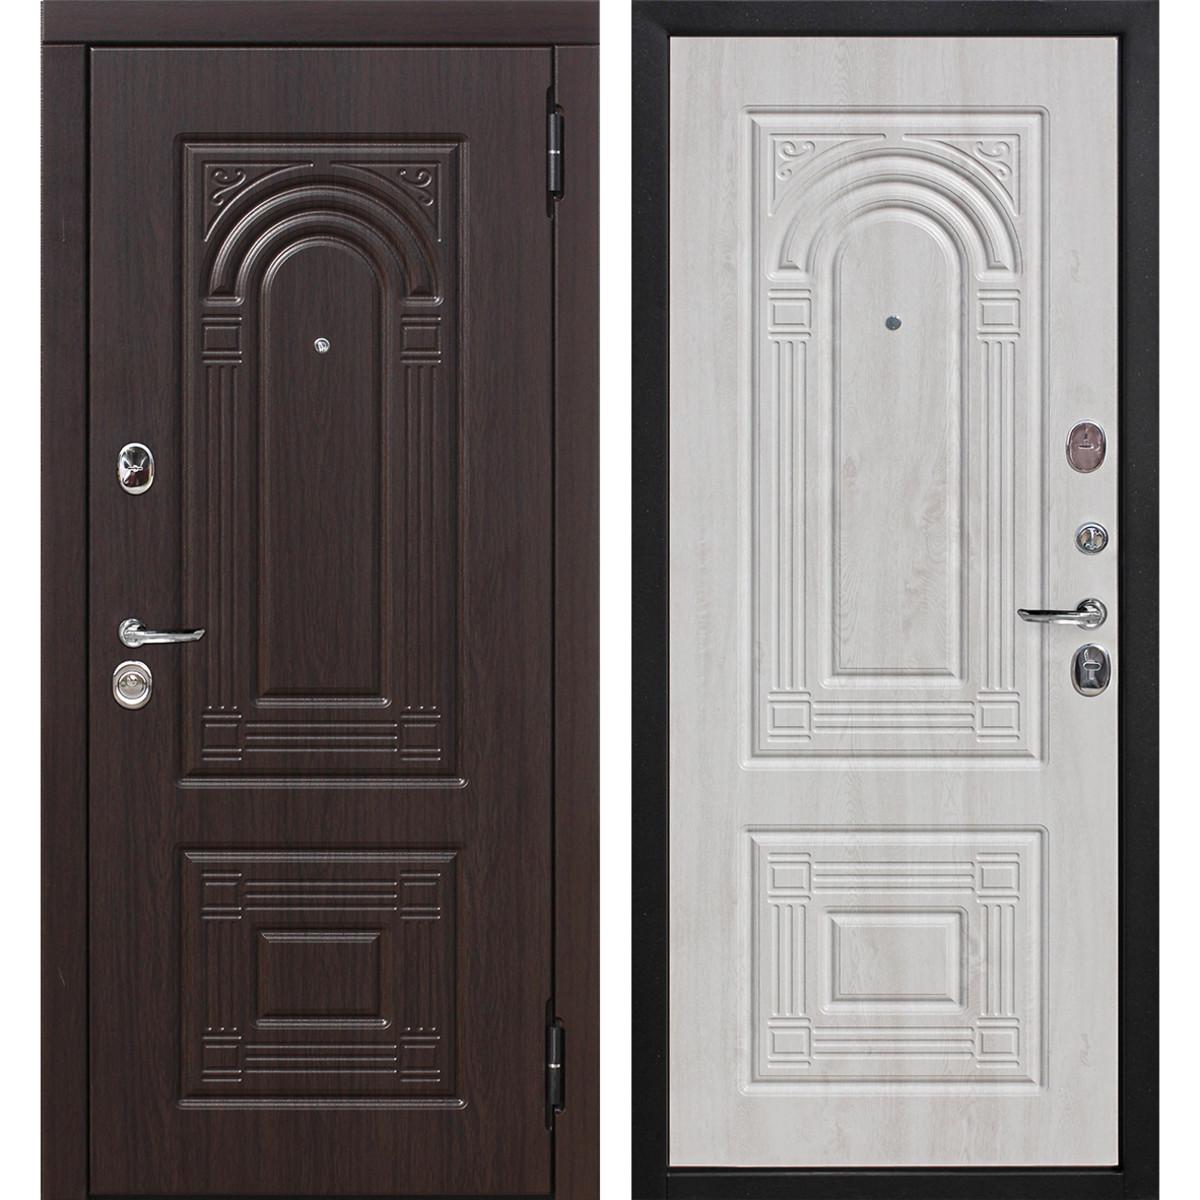 Дверь входная металлическая Флоренция 960 мм правая цвет белёный дуб